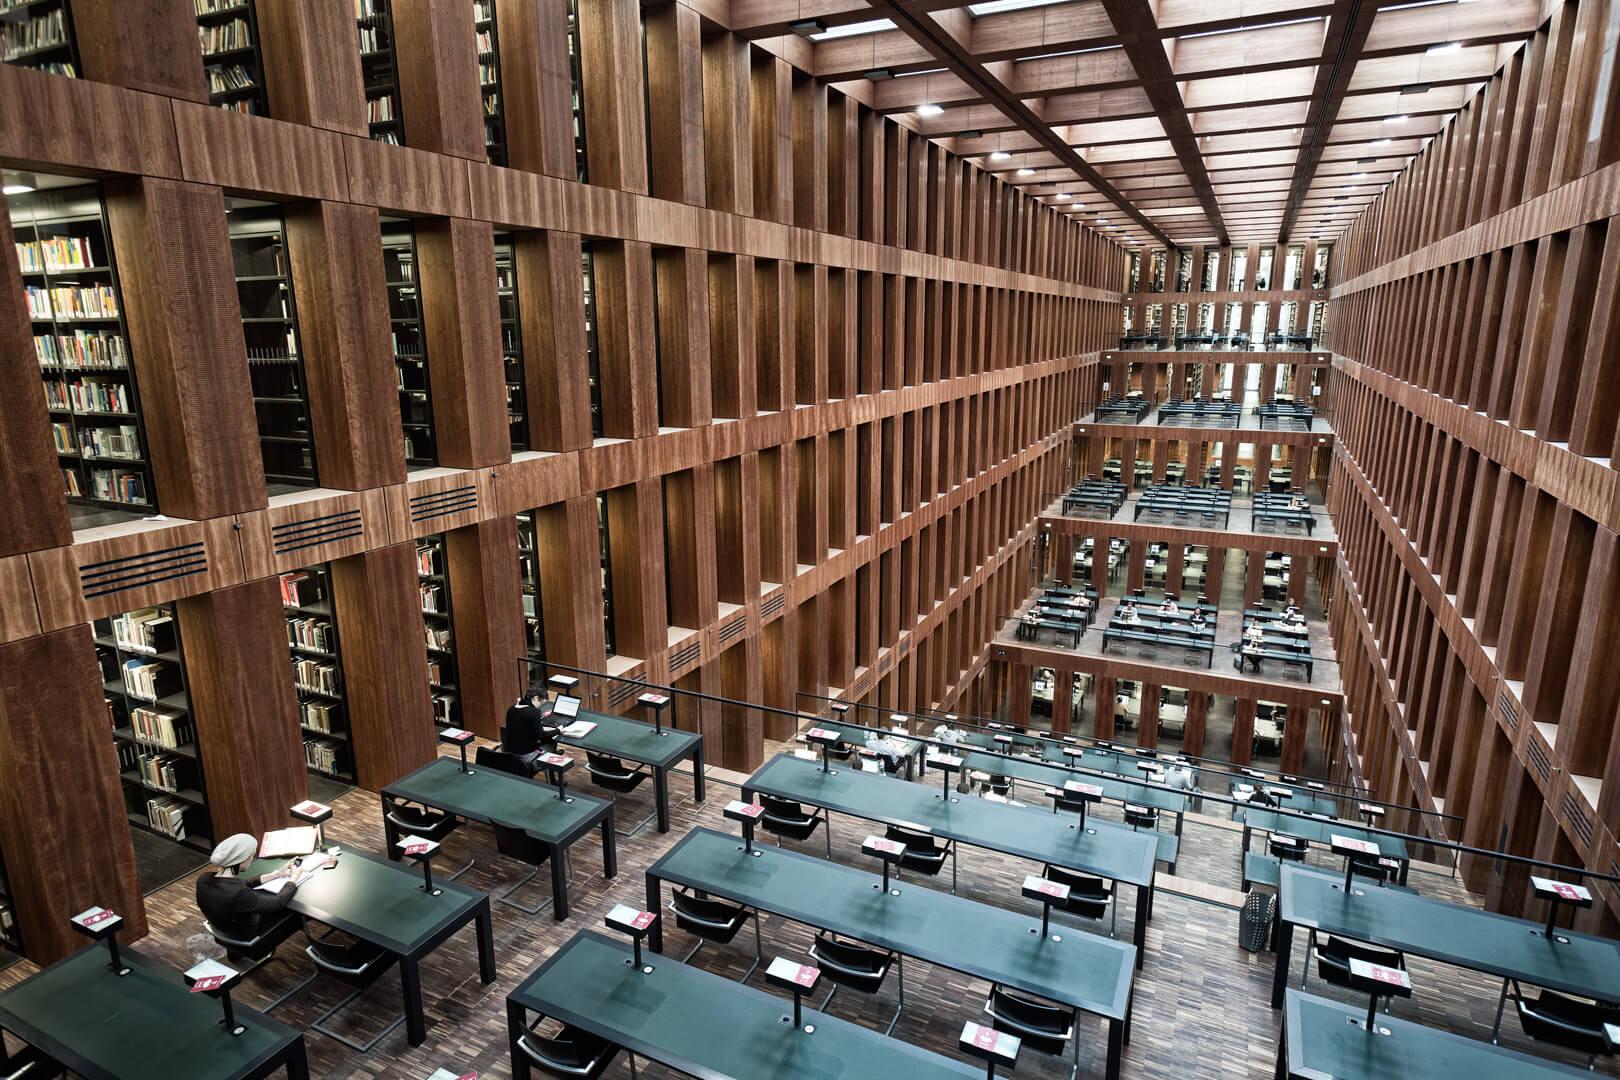 Grimmbibliothek, Berlin